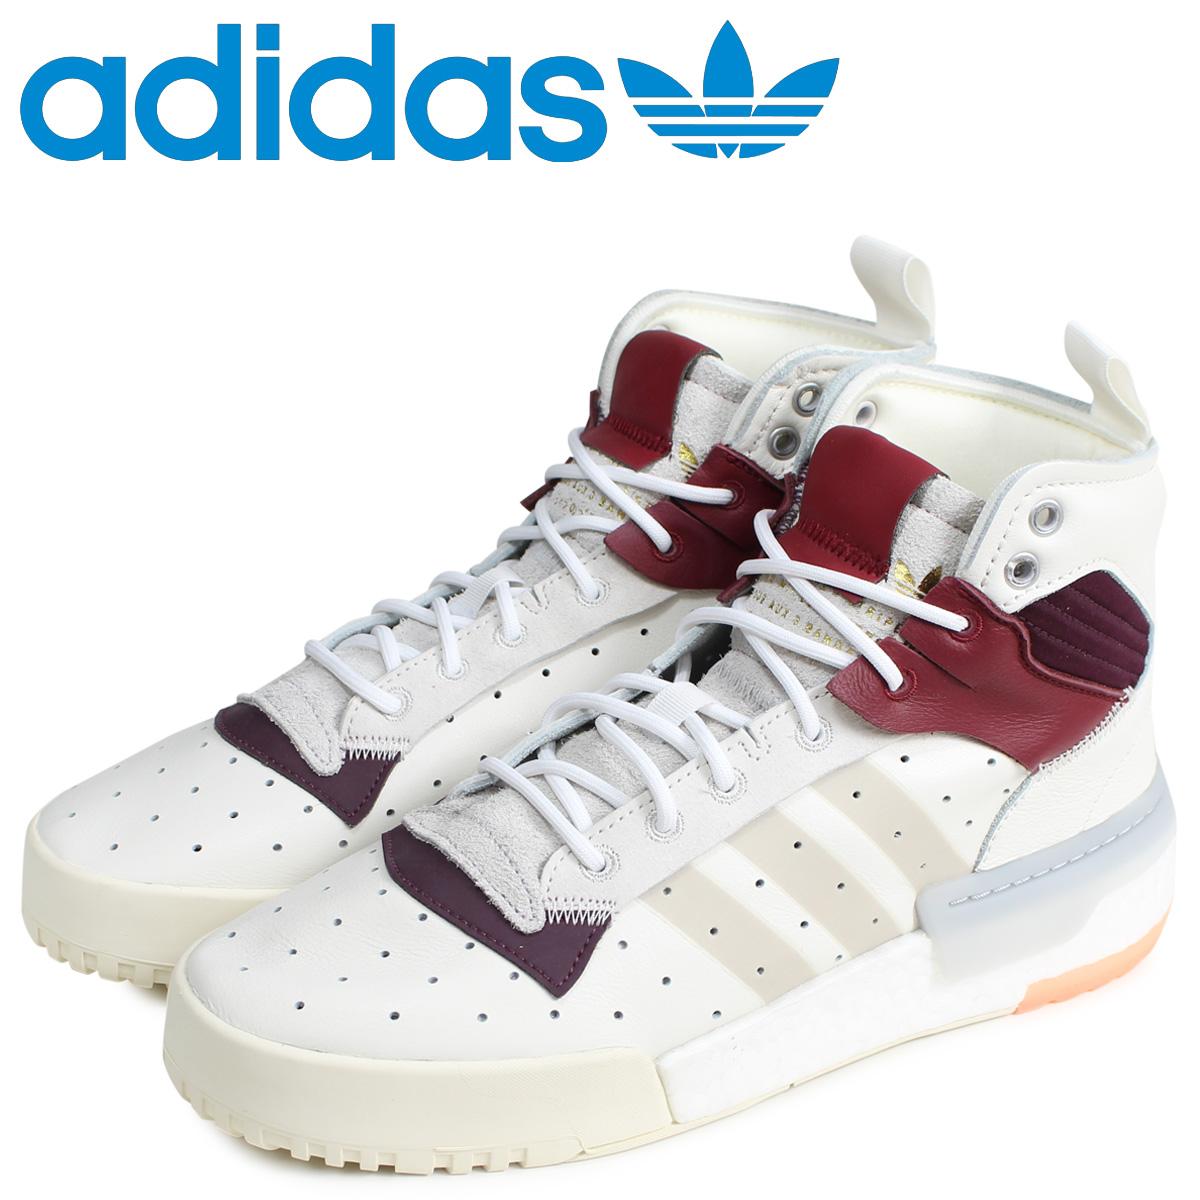 adidas Originals アディダス オリジナルス ライバルリ スニーカー メンズ RIVALRY RM ホワイト 白 F34143